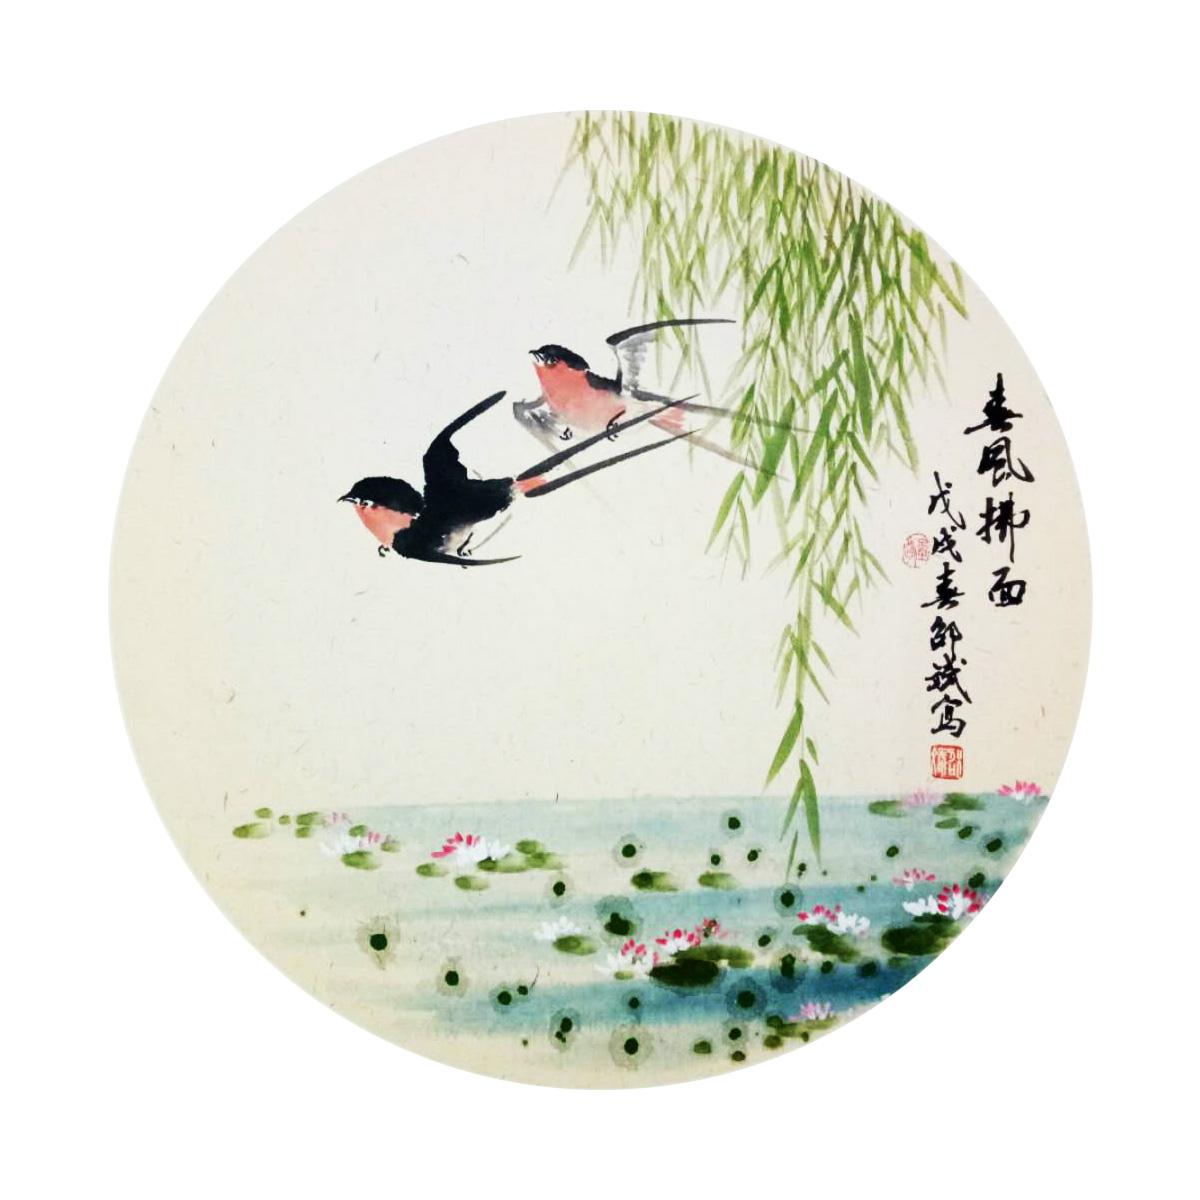 春风拂面 燕子、荷塘、垂柳 圆形扇面